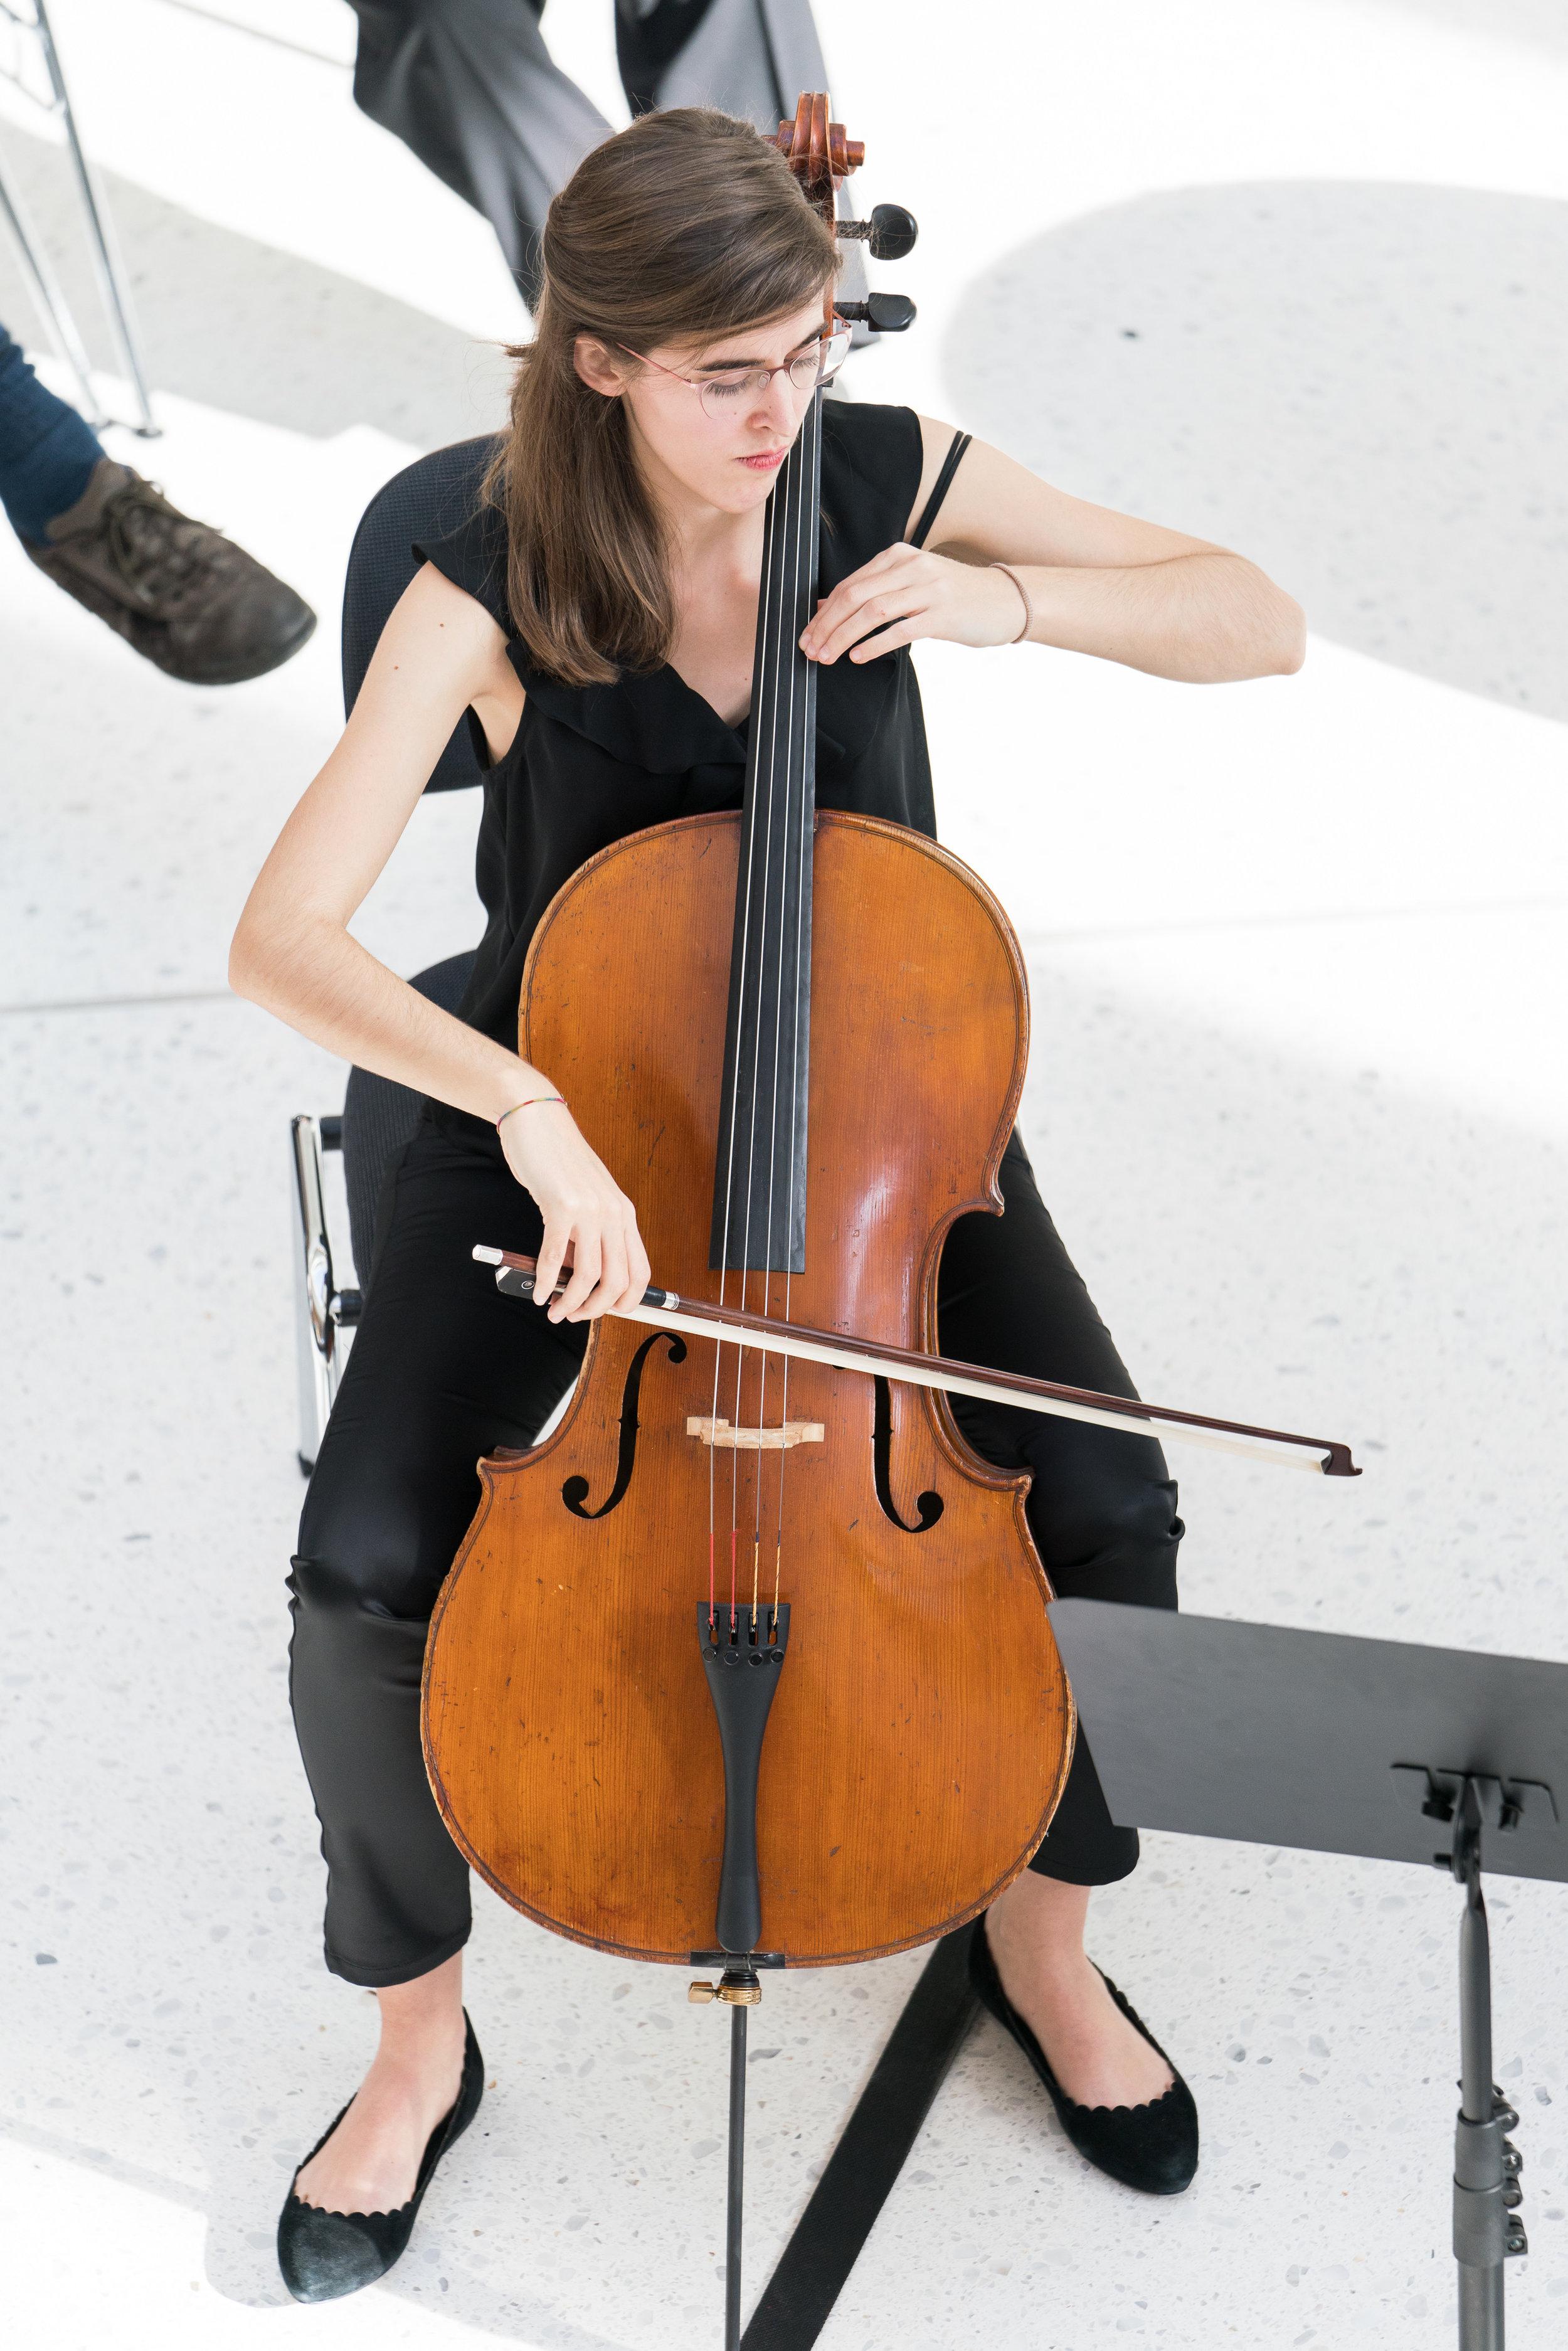 Konzert am Mittag - Cello20180206_032-036.jpg